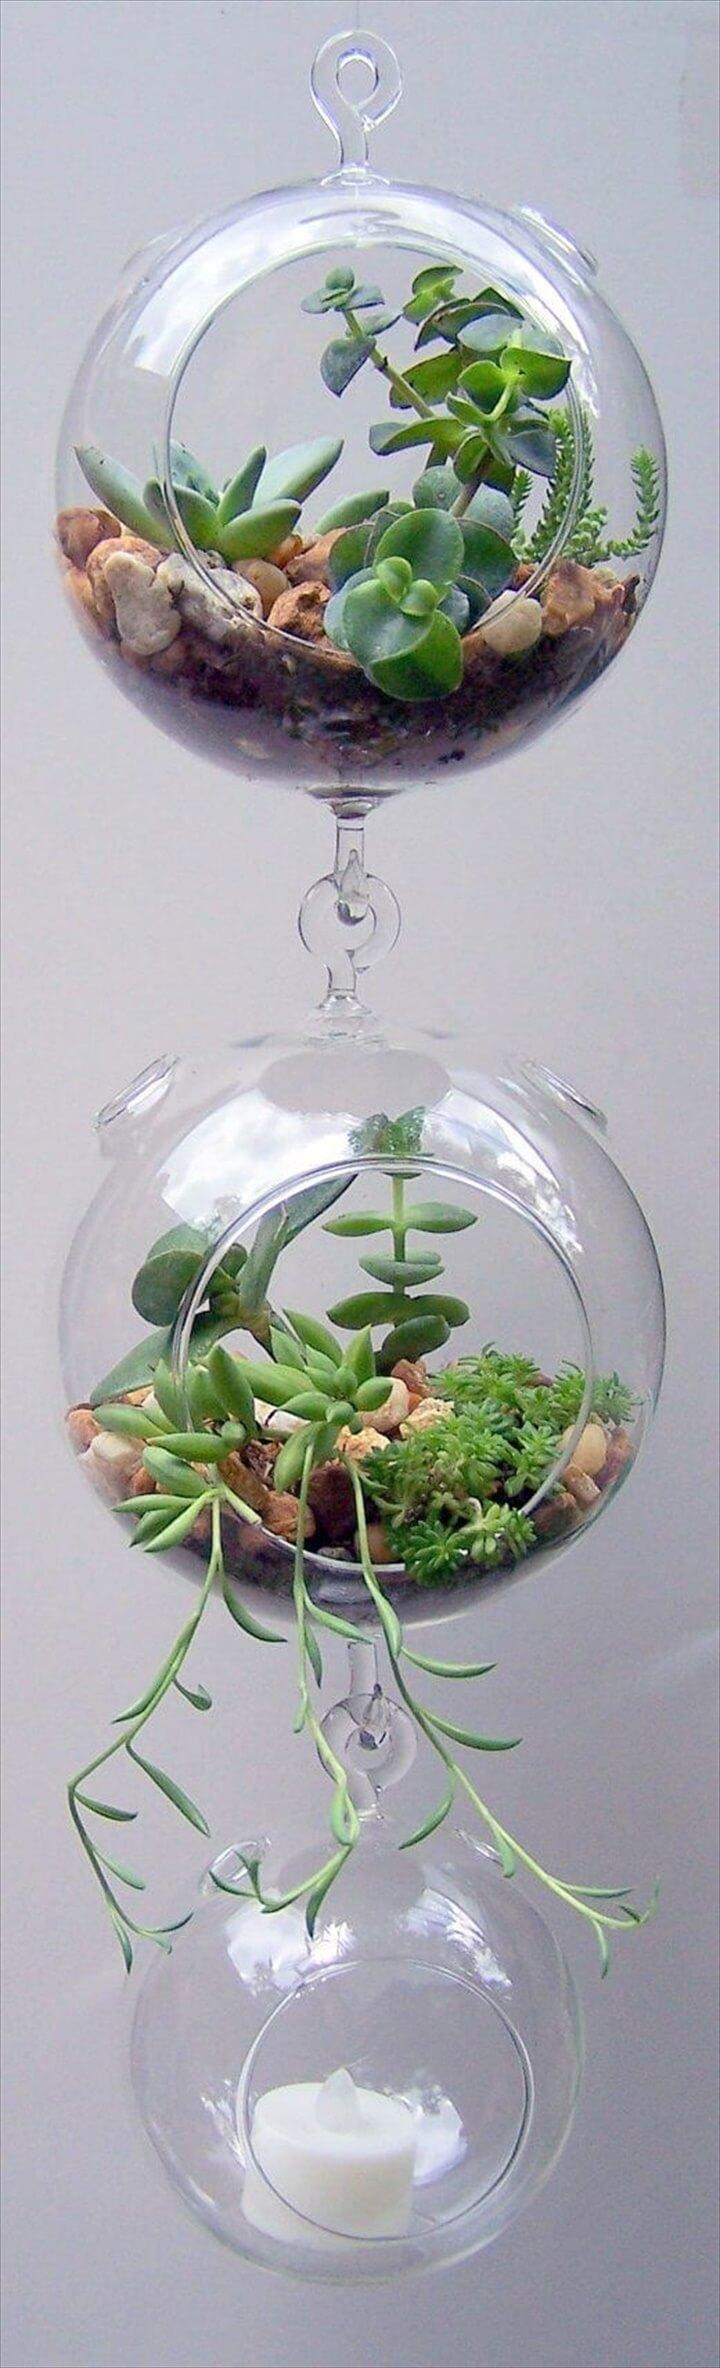 DIY Terrarium Glass Hanging Succulent Planters